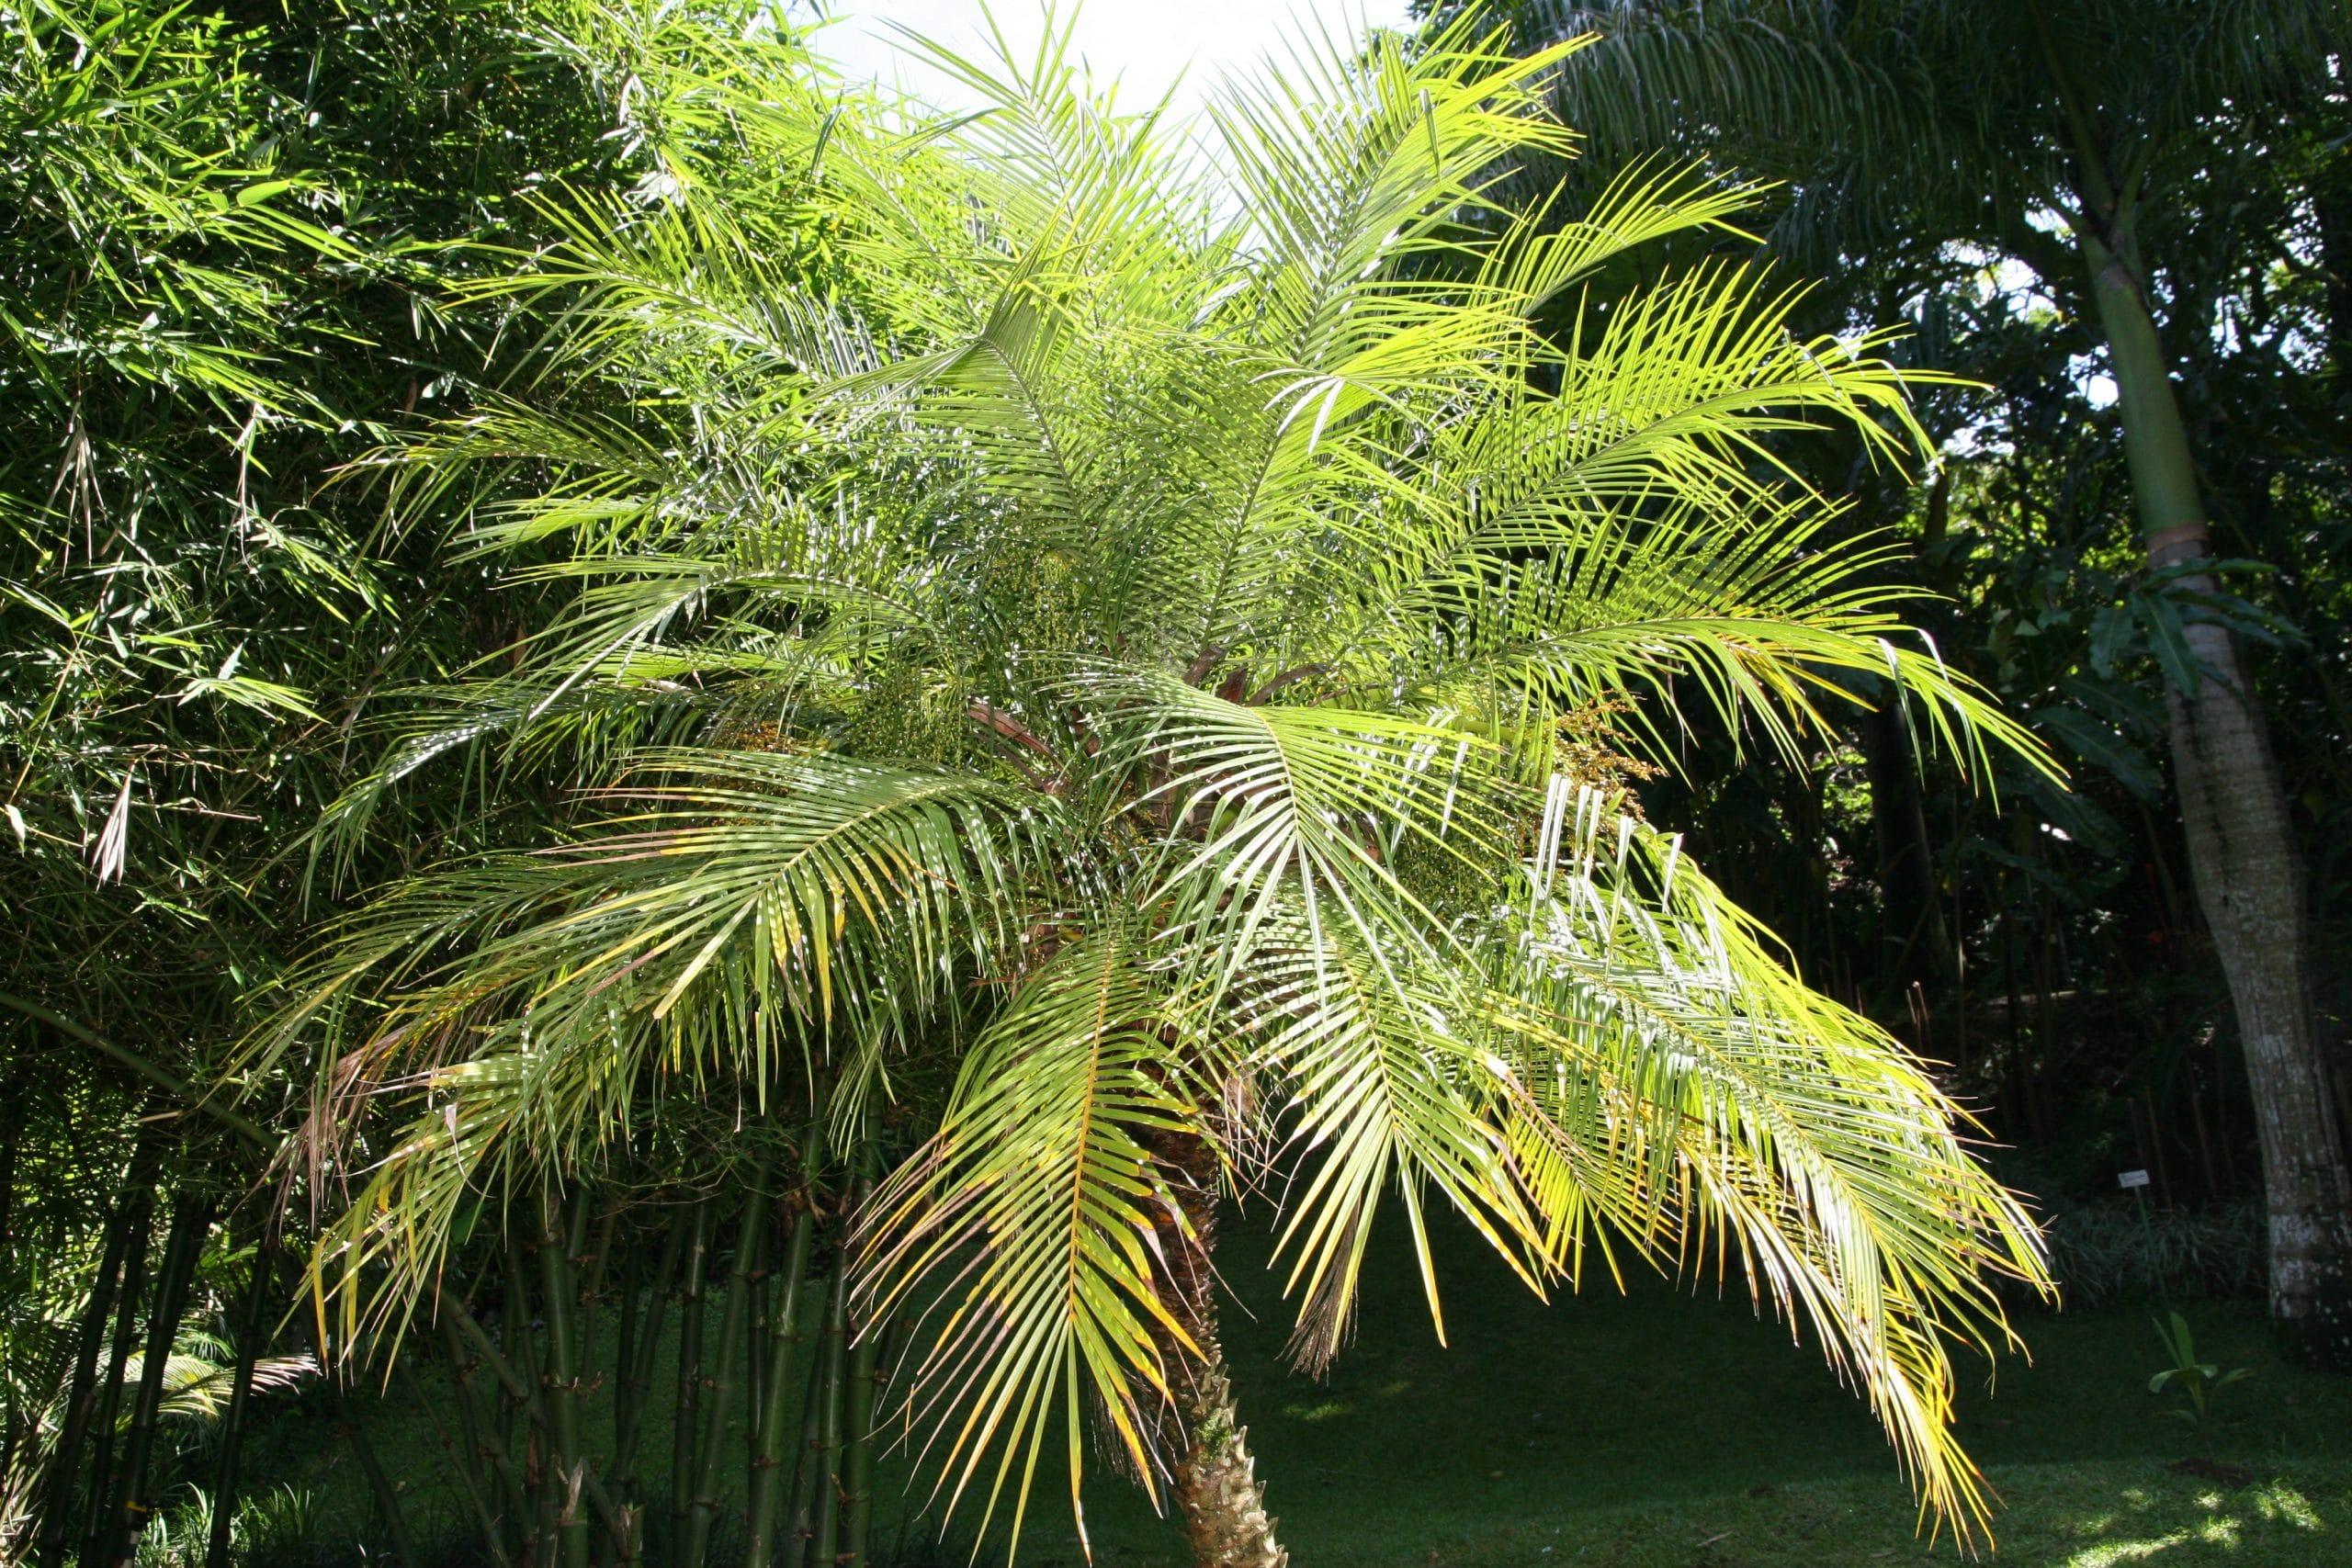 La Phoenix roebelenii es una palmera de pequeño tamaño